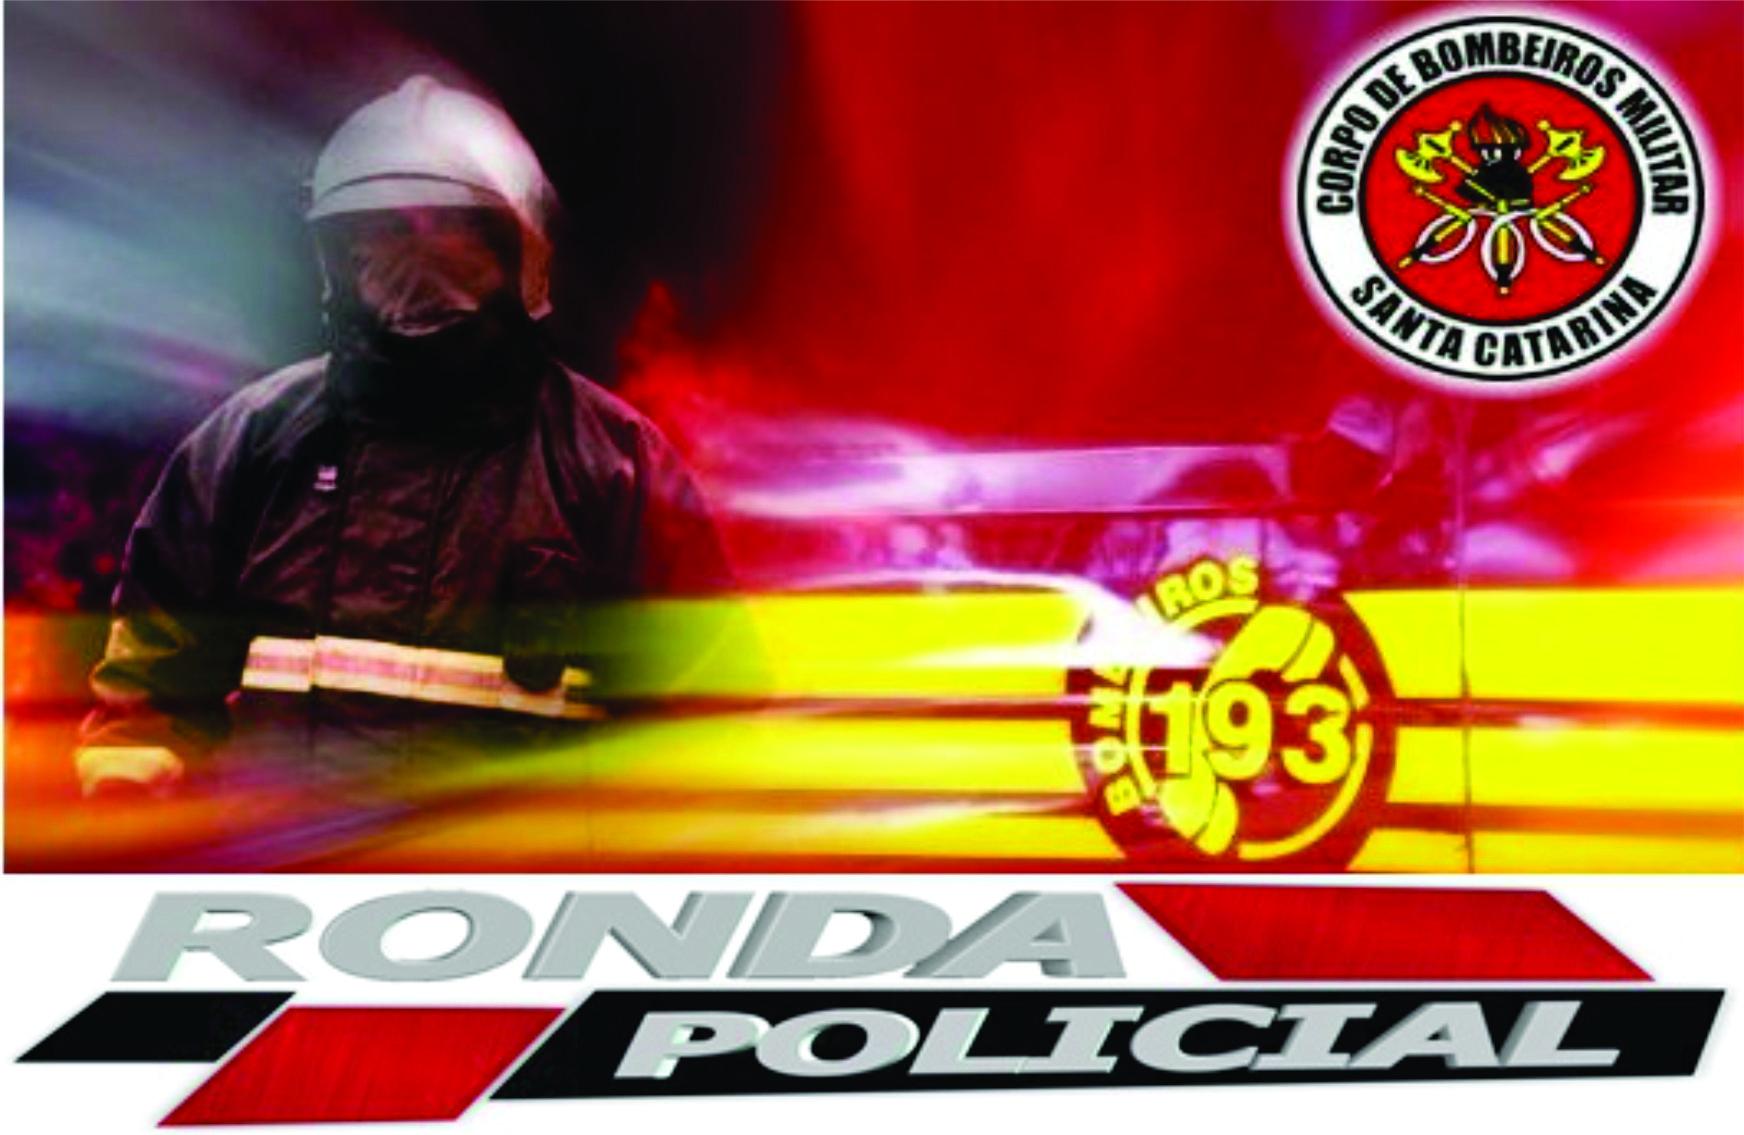 Bombeiros de Xanxerê realizam buscas por homem desaparecido em meio a mata